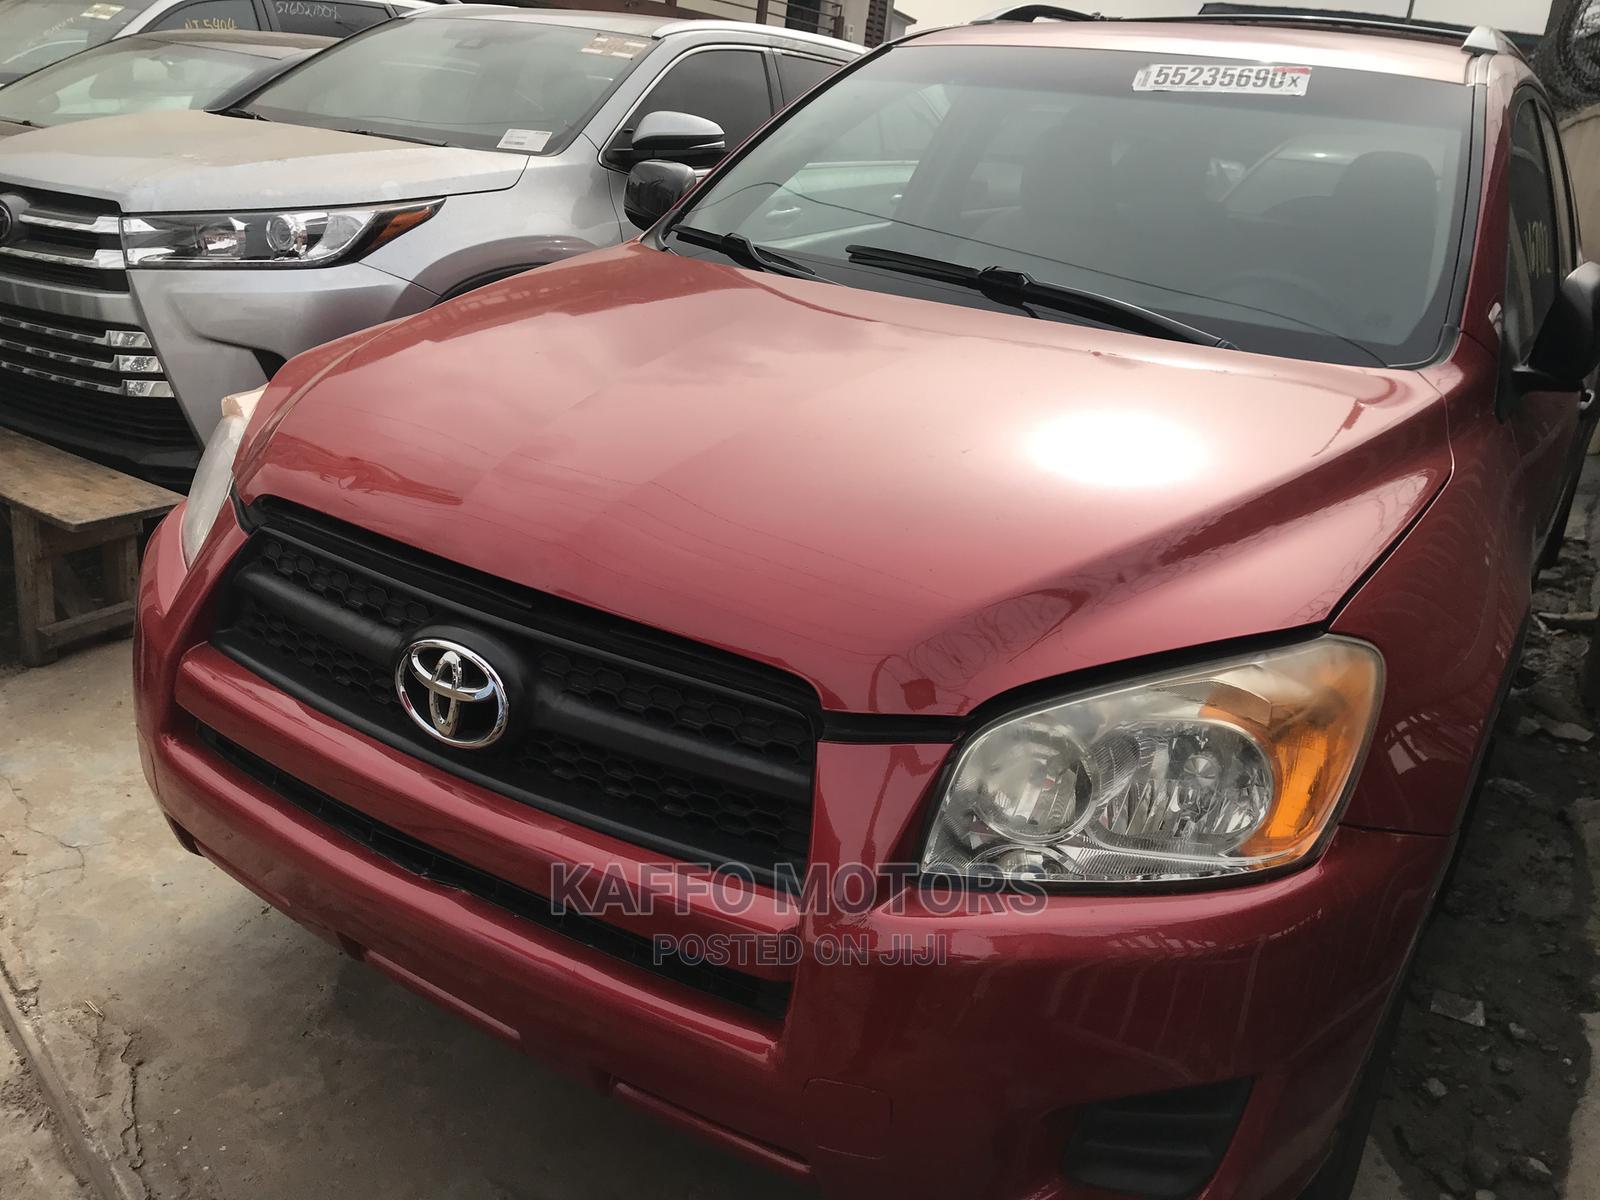 Toyota RAV4 2011 2.5 4x4 Red